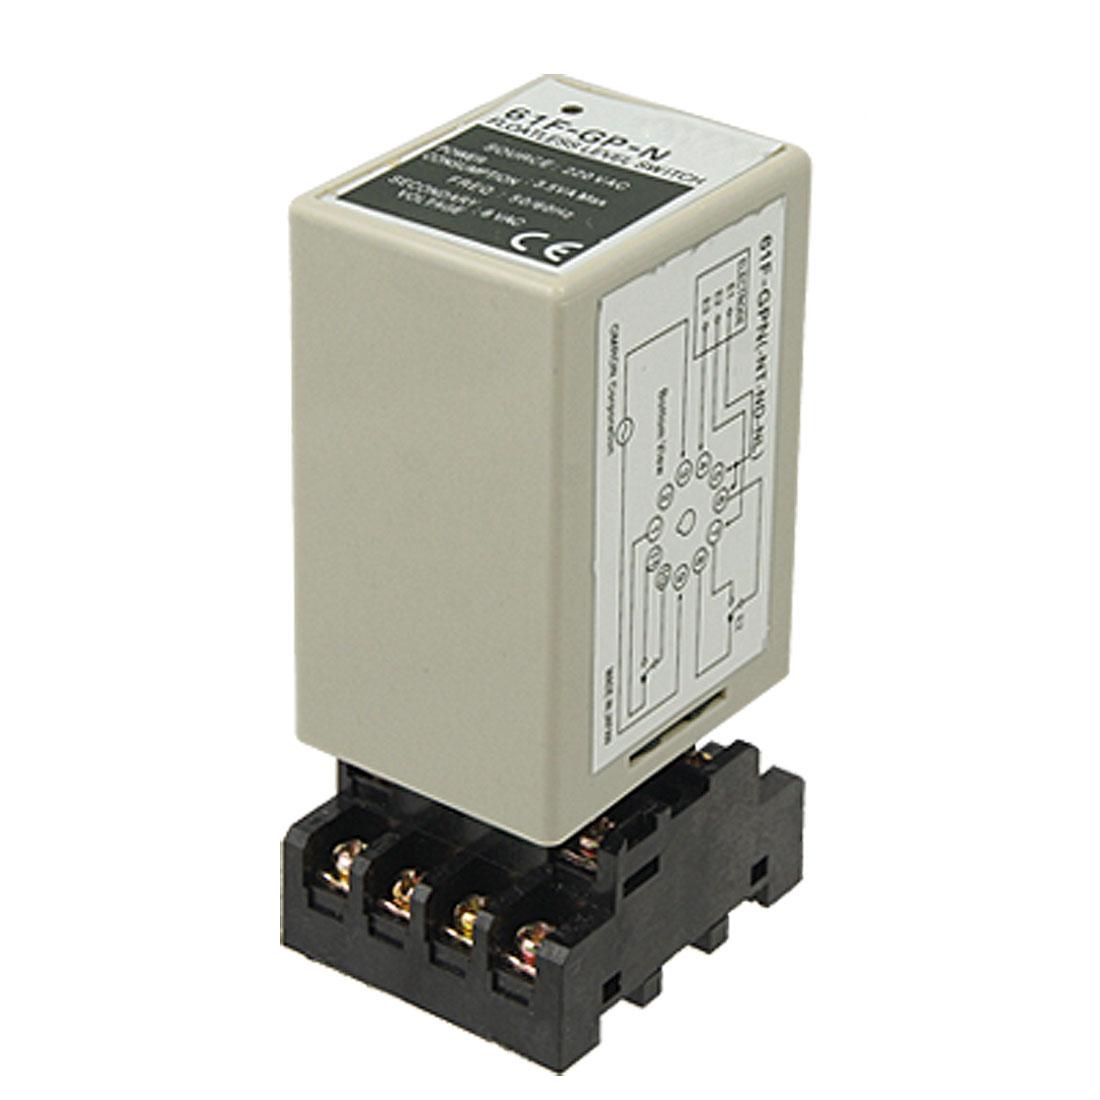 61F-GP-N AC 220V Floatless Liquid Level Controller Switch w Socket